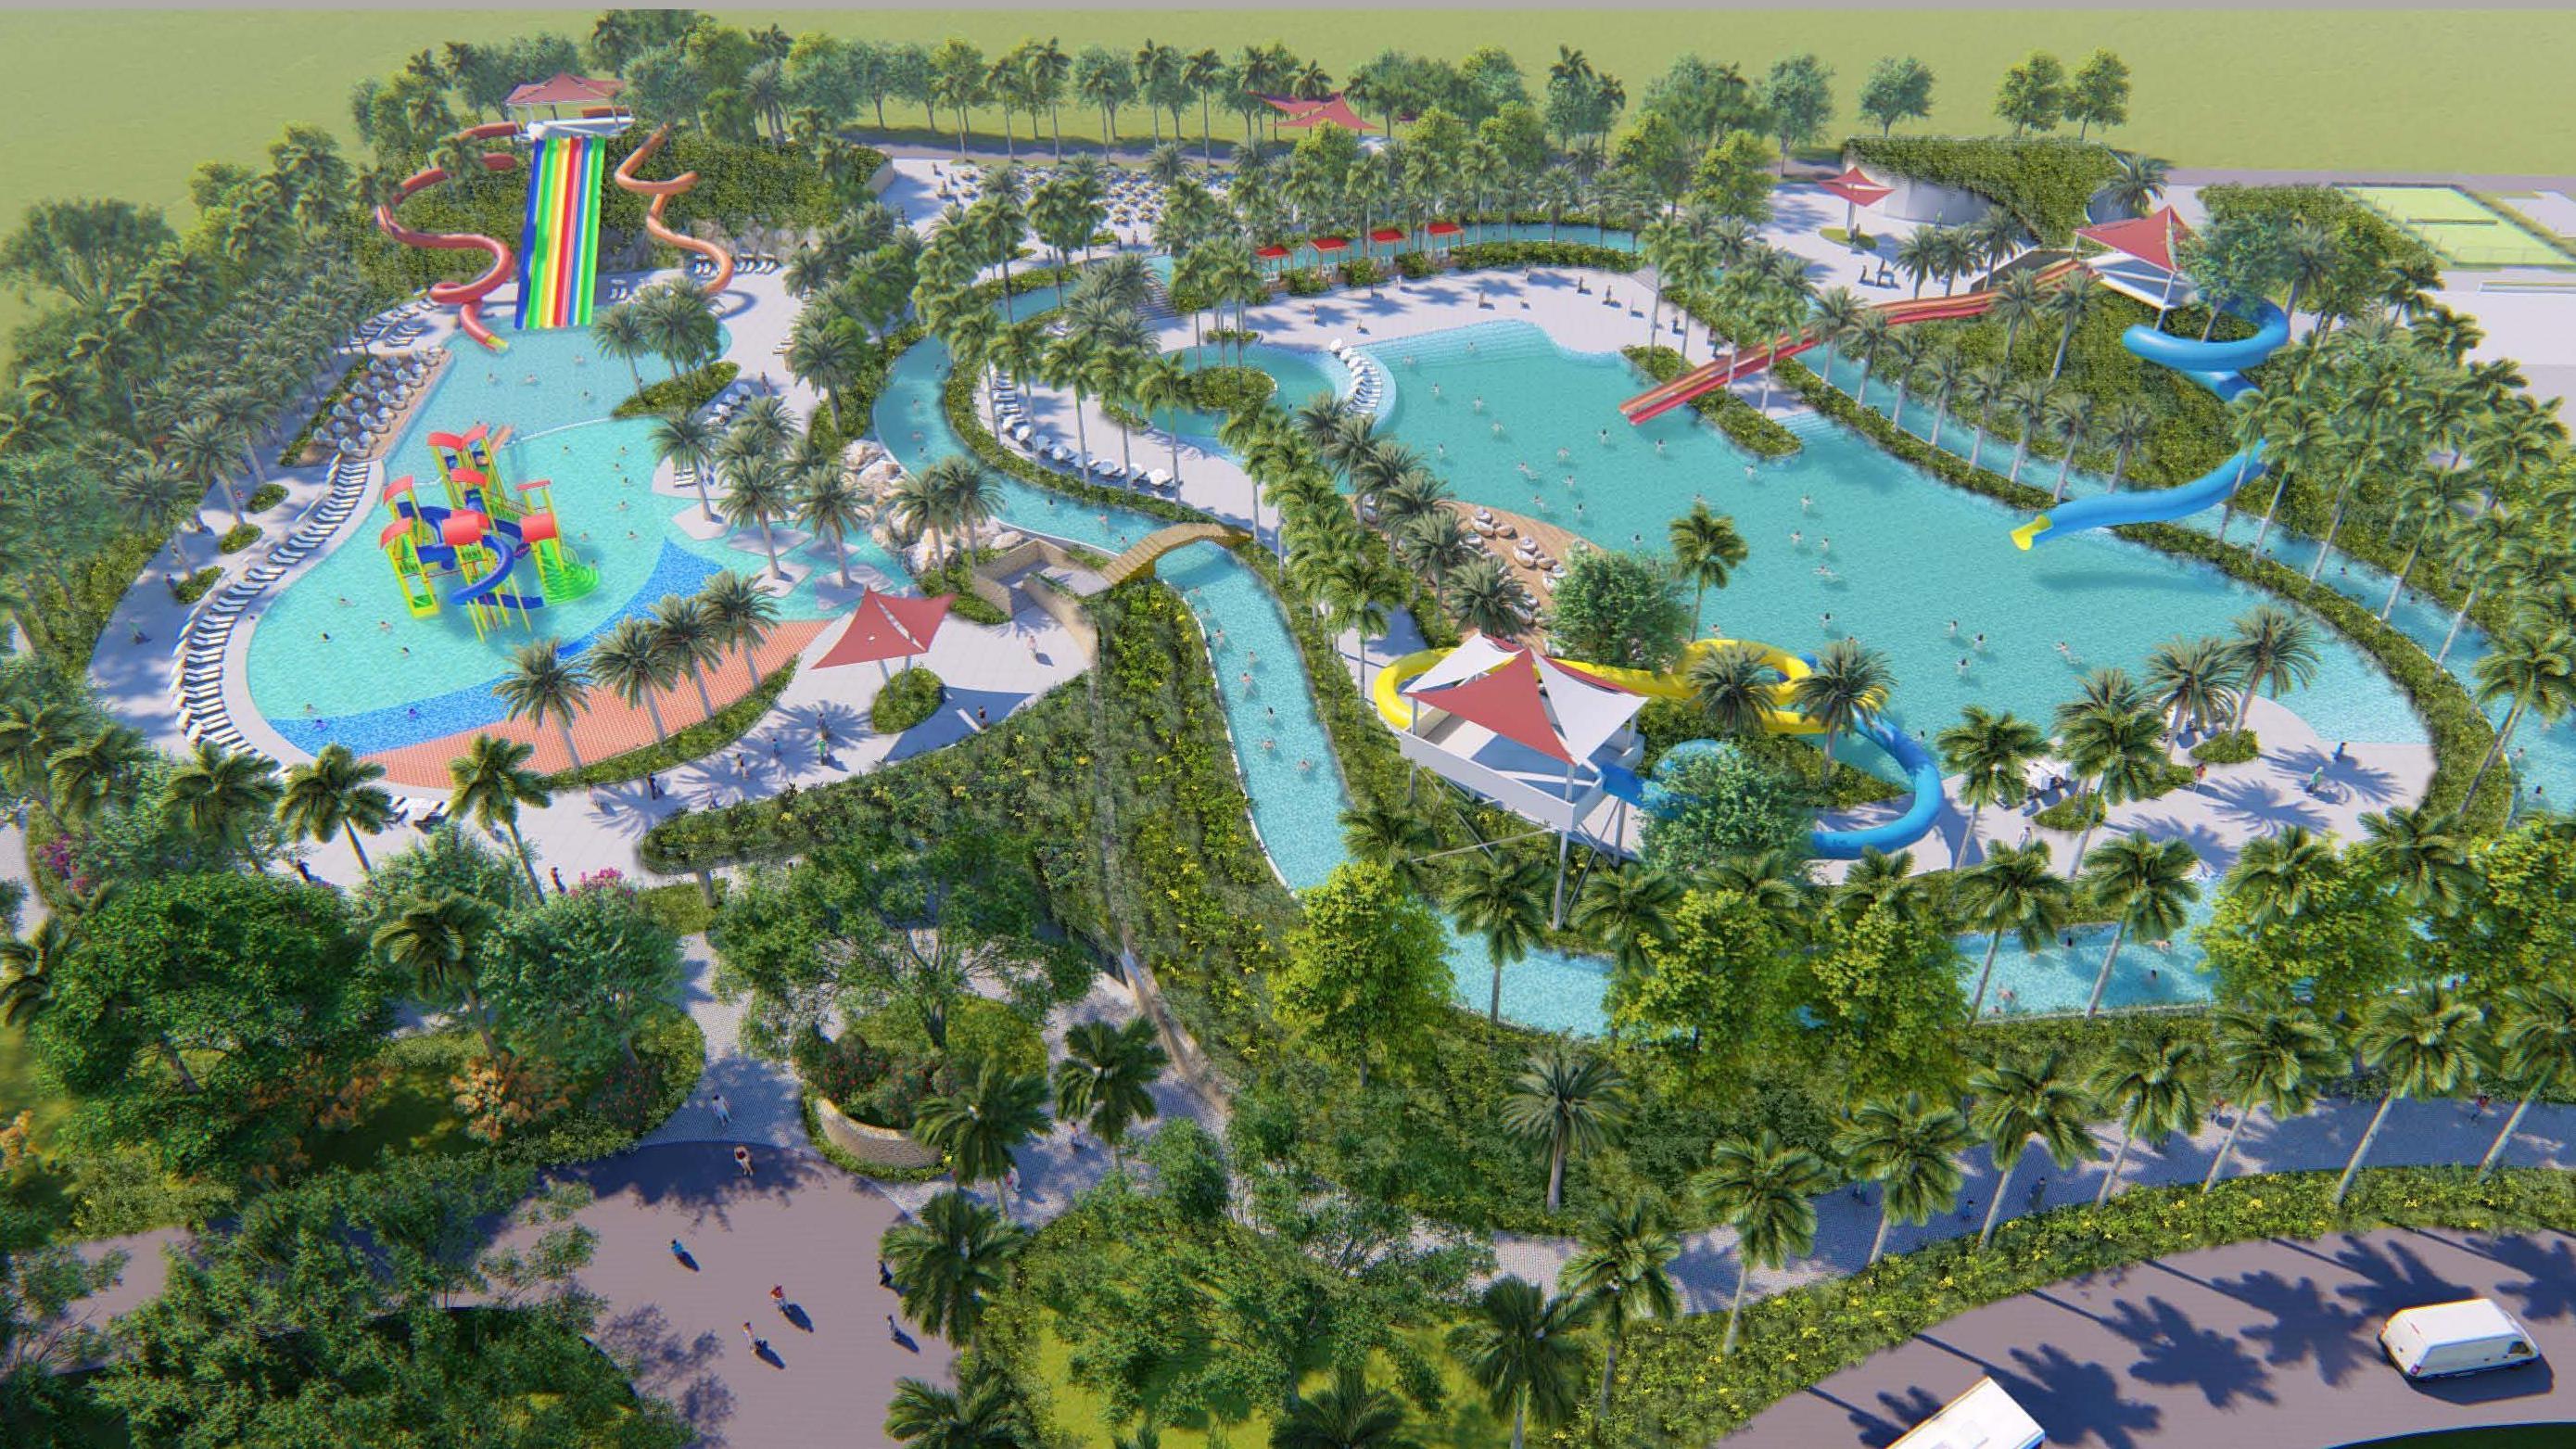 Thêm một dự án du lịch lớn tại Khánh Hòa được Ngân hàng Quân đội cấp vốn 2